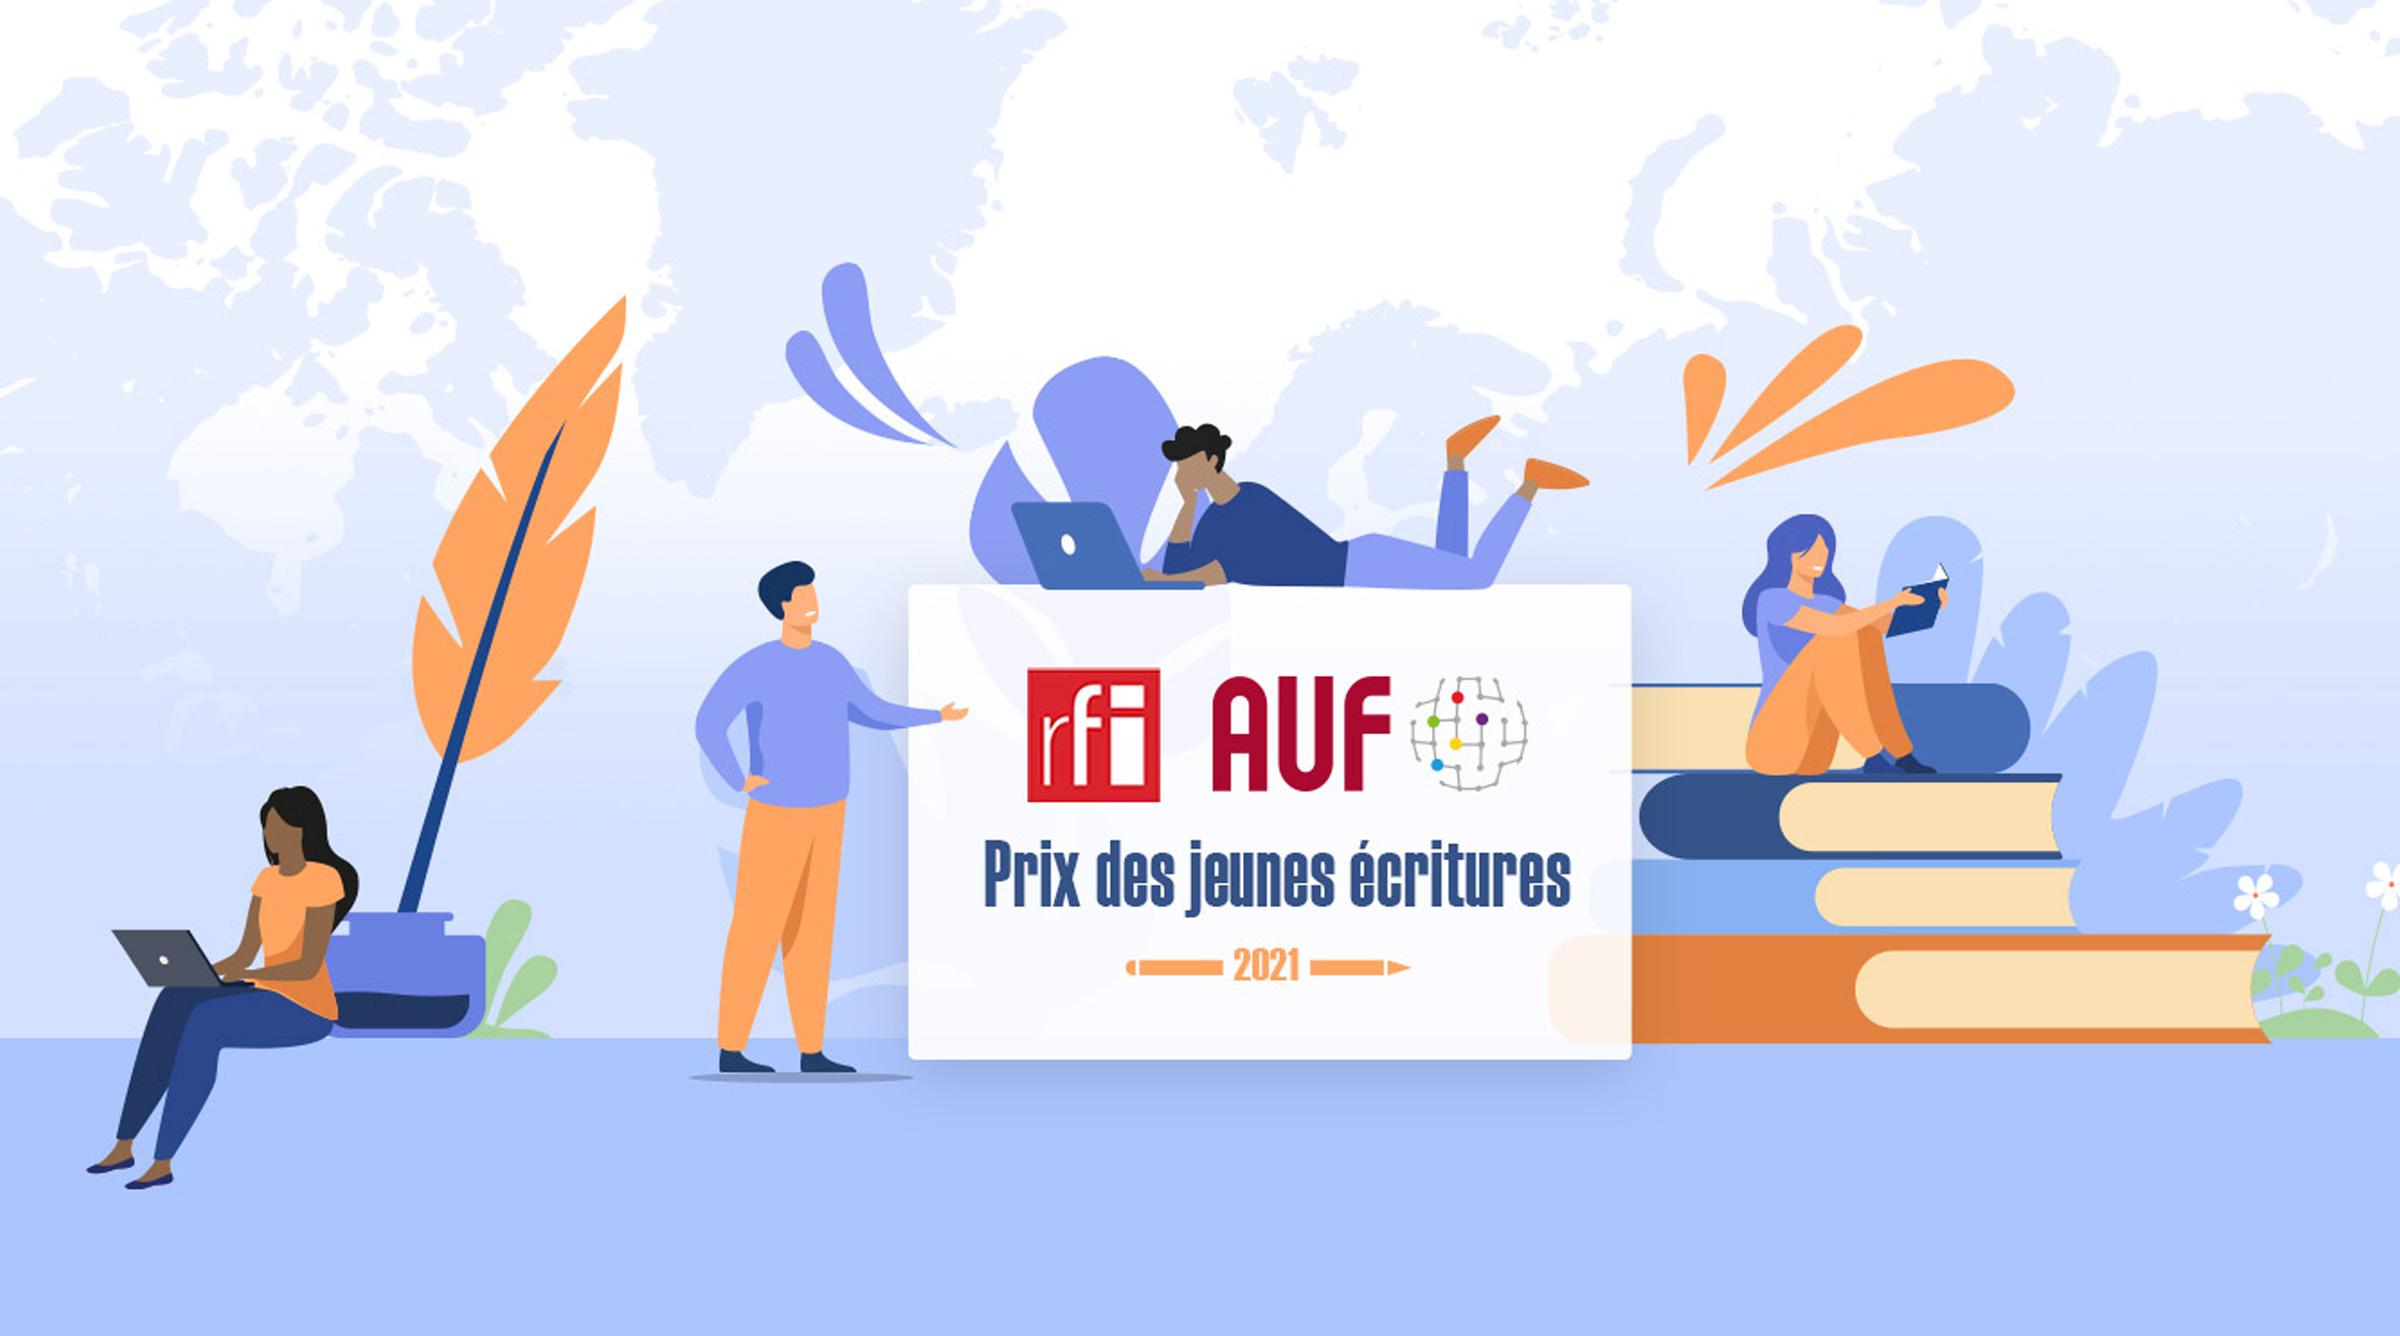 Lancement de la 3ème édition du « Prix des jeunes écritures RFI-AUF »